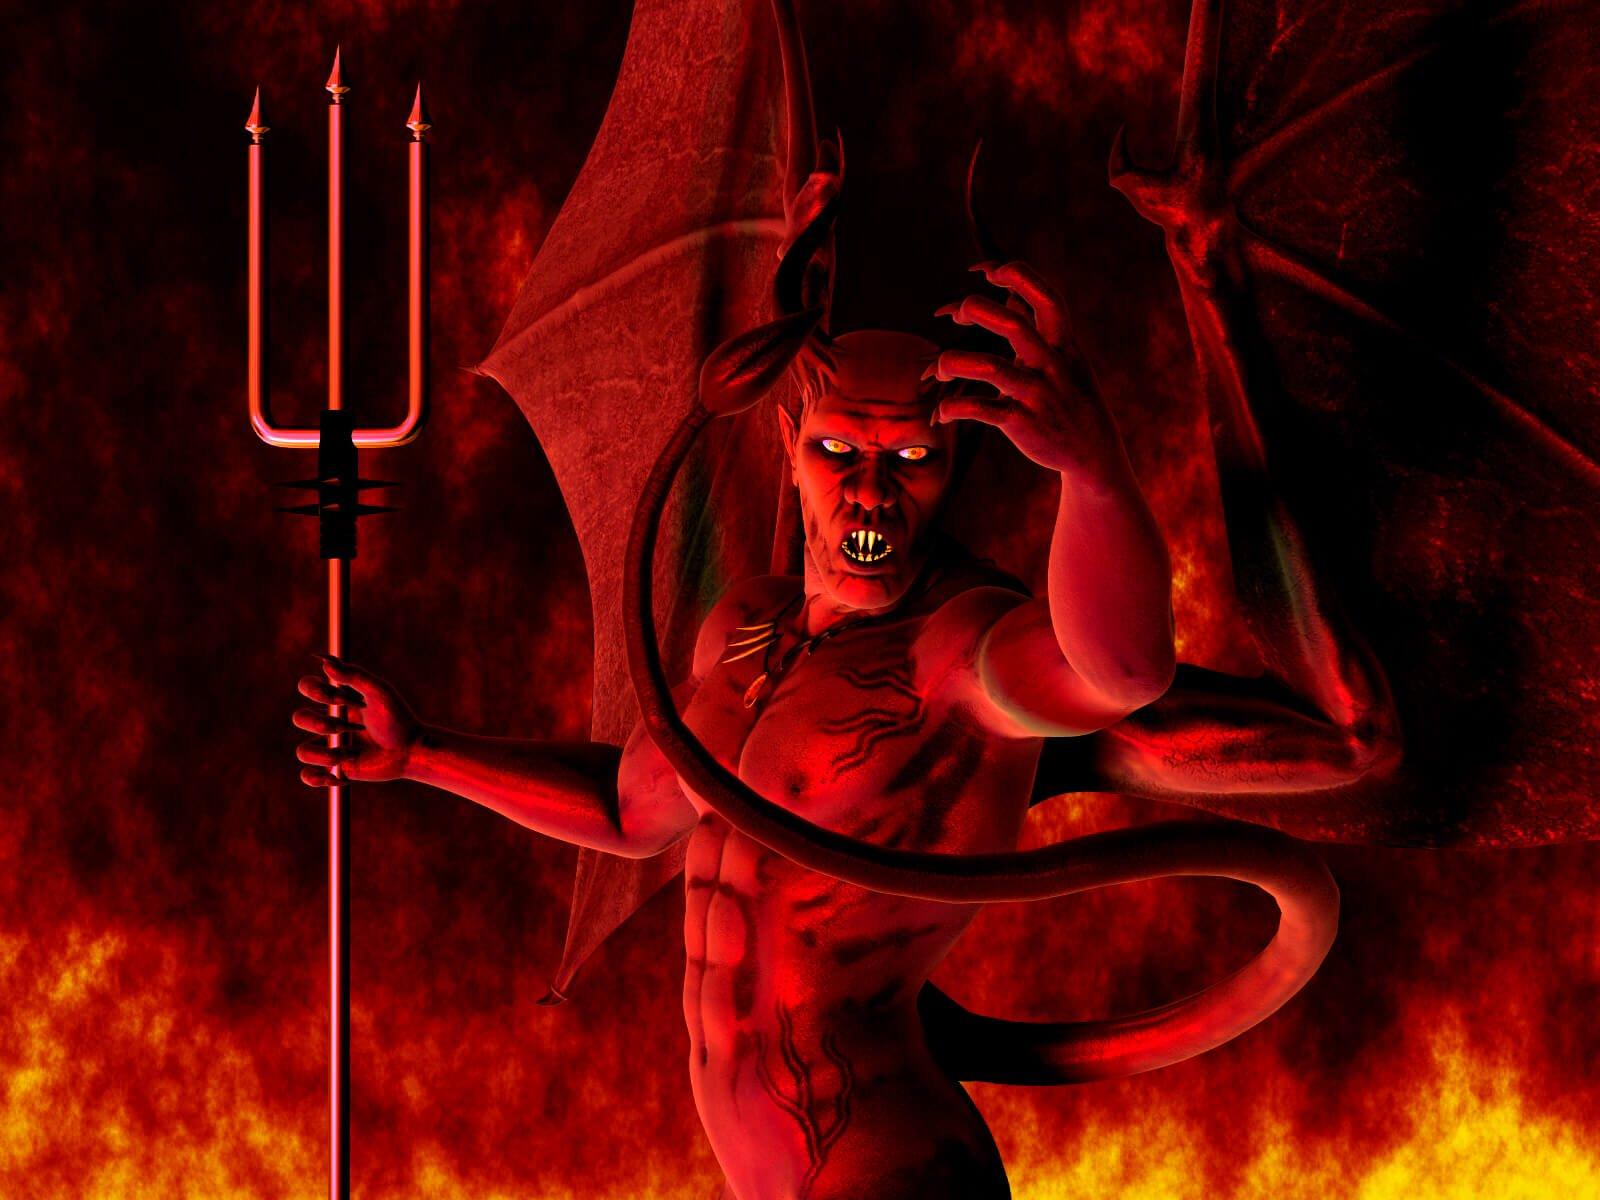 Картинка про сатану настоящие